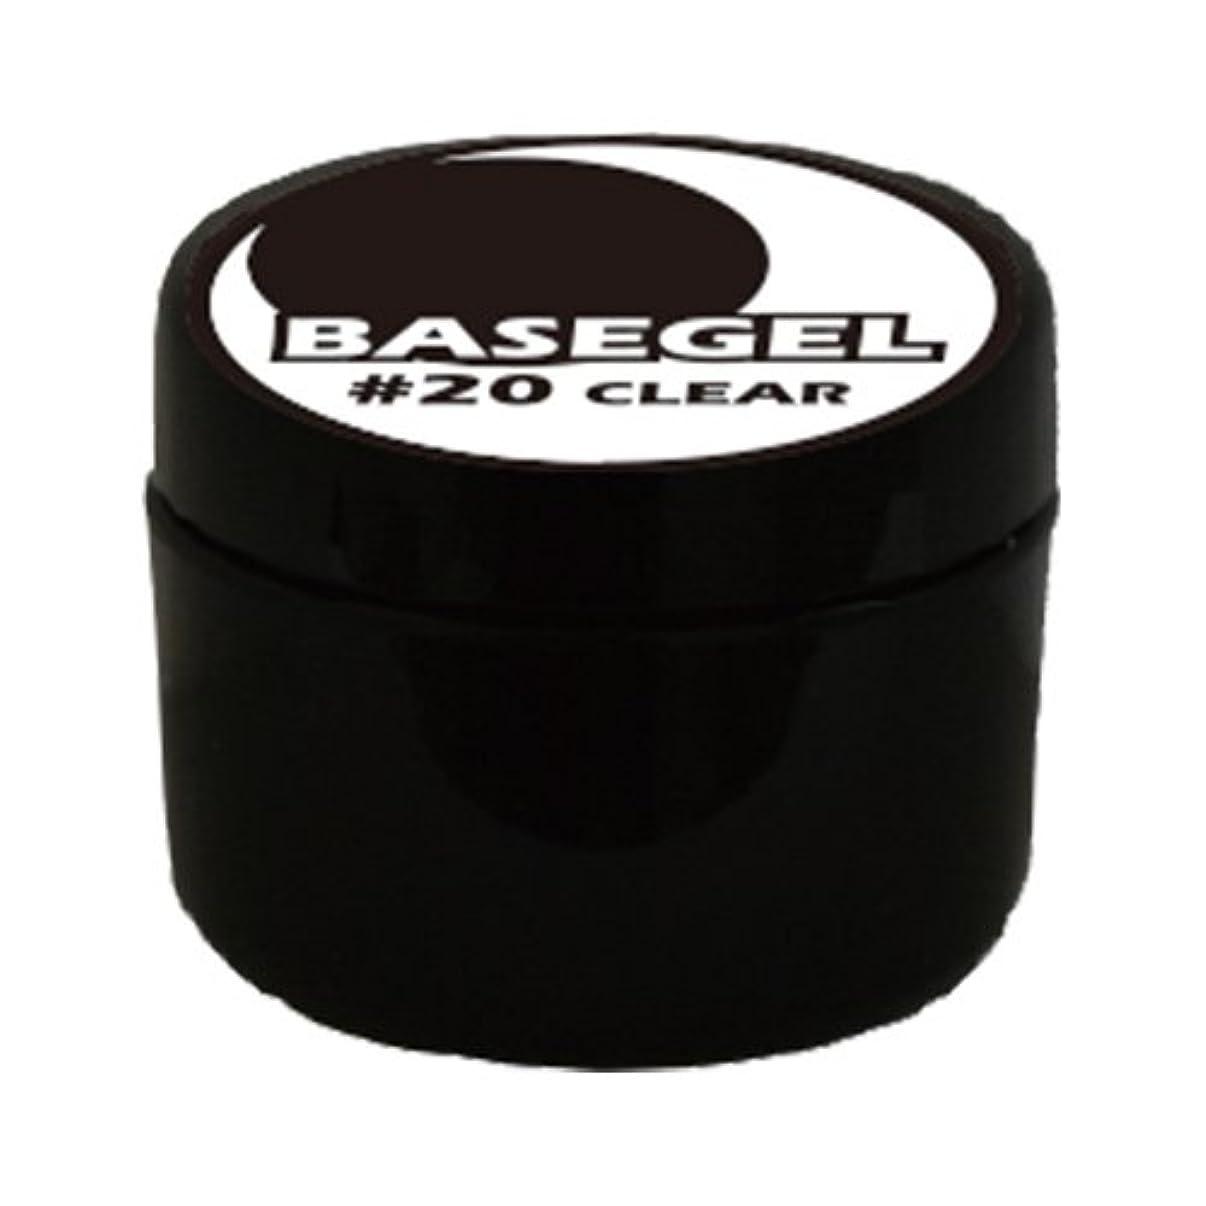 窒素下るバインドベースジェル #20 CLEAR 10g